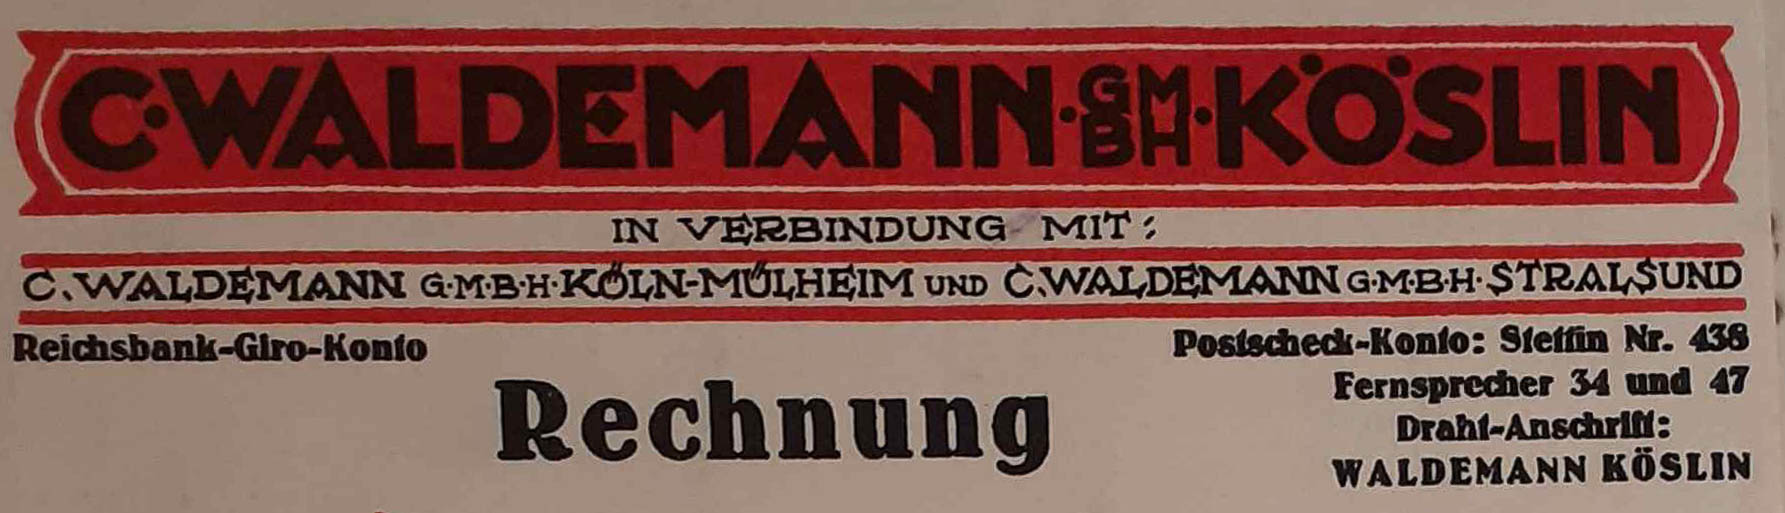 Winieta rachunku oraz logo Fabryki Carla Waldemanna z drugiej połowy lat dwudziestych ubiegłego stulecia. W tym czasie koszalińskie przedsiębiorstwo miało swe oddziały w Kolonii i Stralsundzie (ze zbiorów Studia Reklamy Kruart).